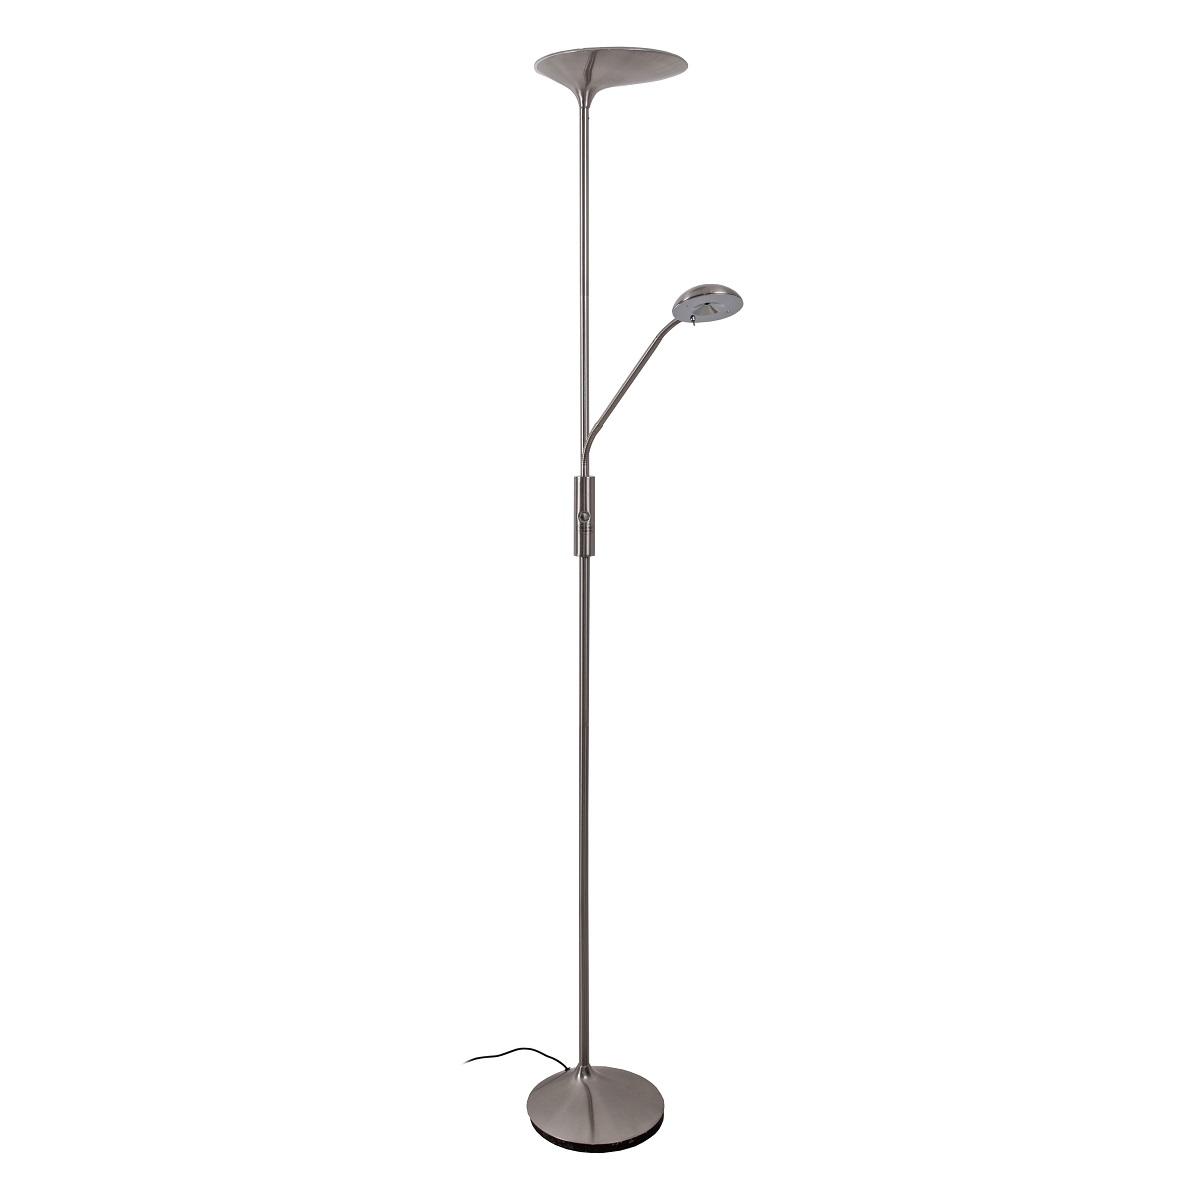 VandehegR LED Stehleuchte COURCE DOUBLE Eisen Satiniert O50x179cm 24Watt